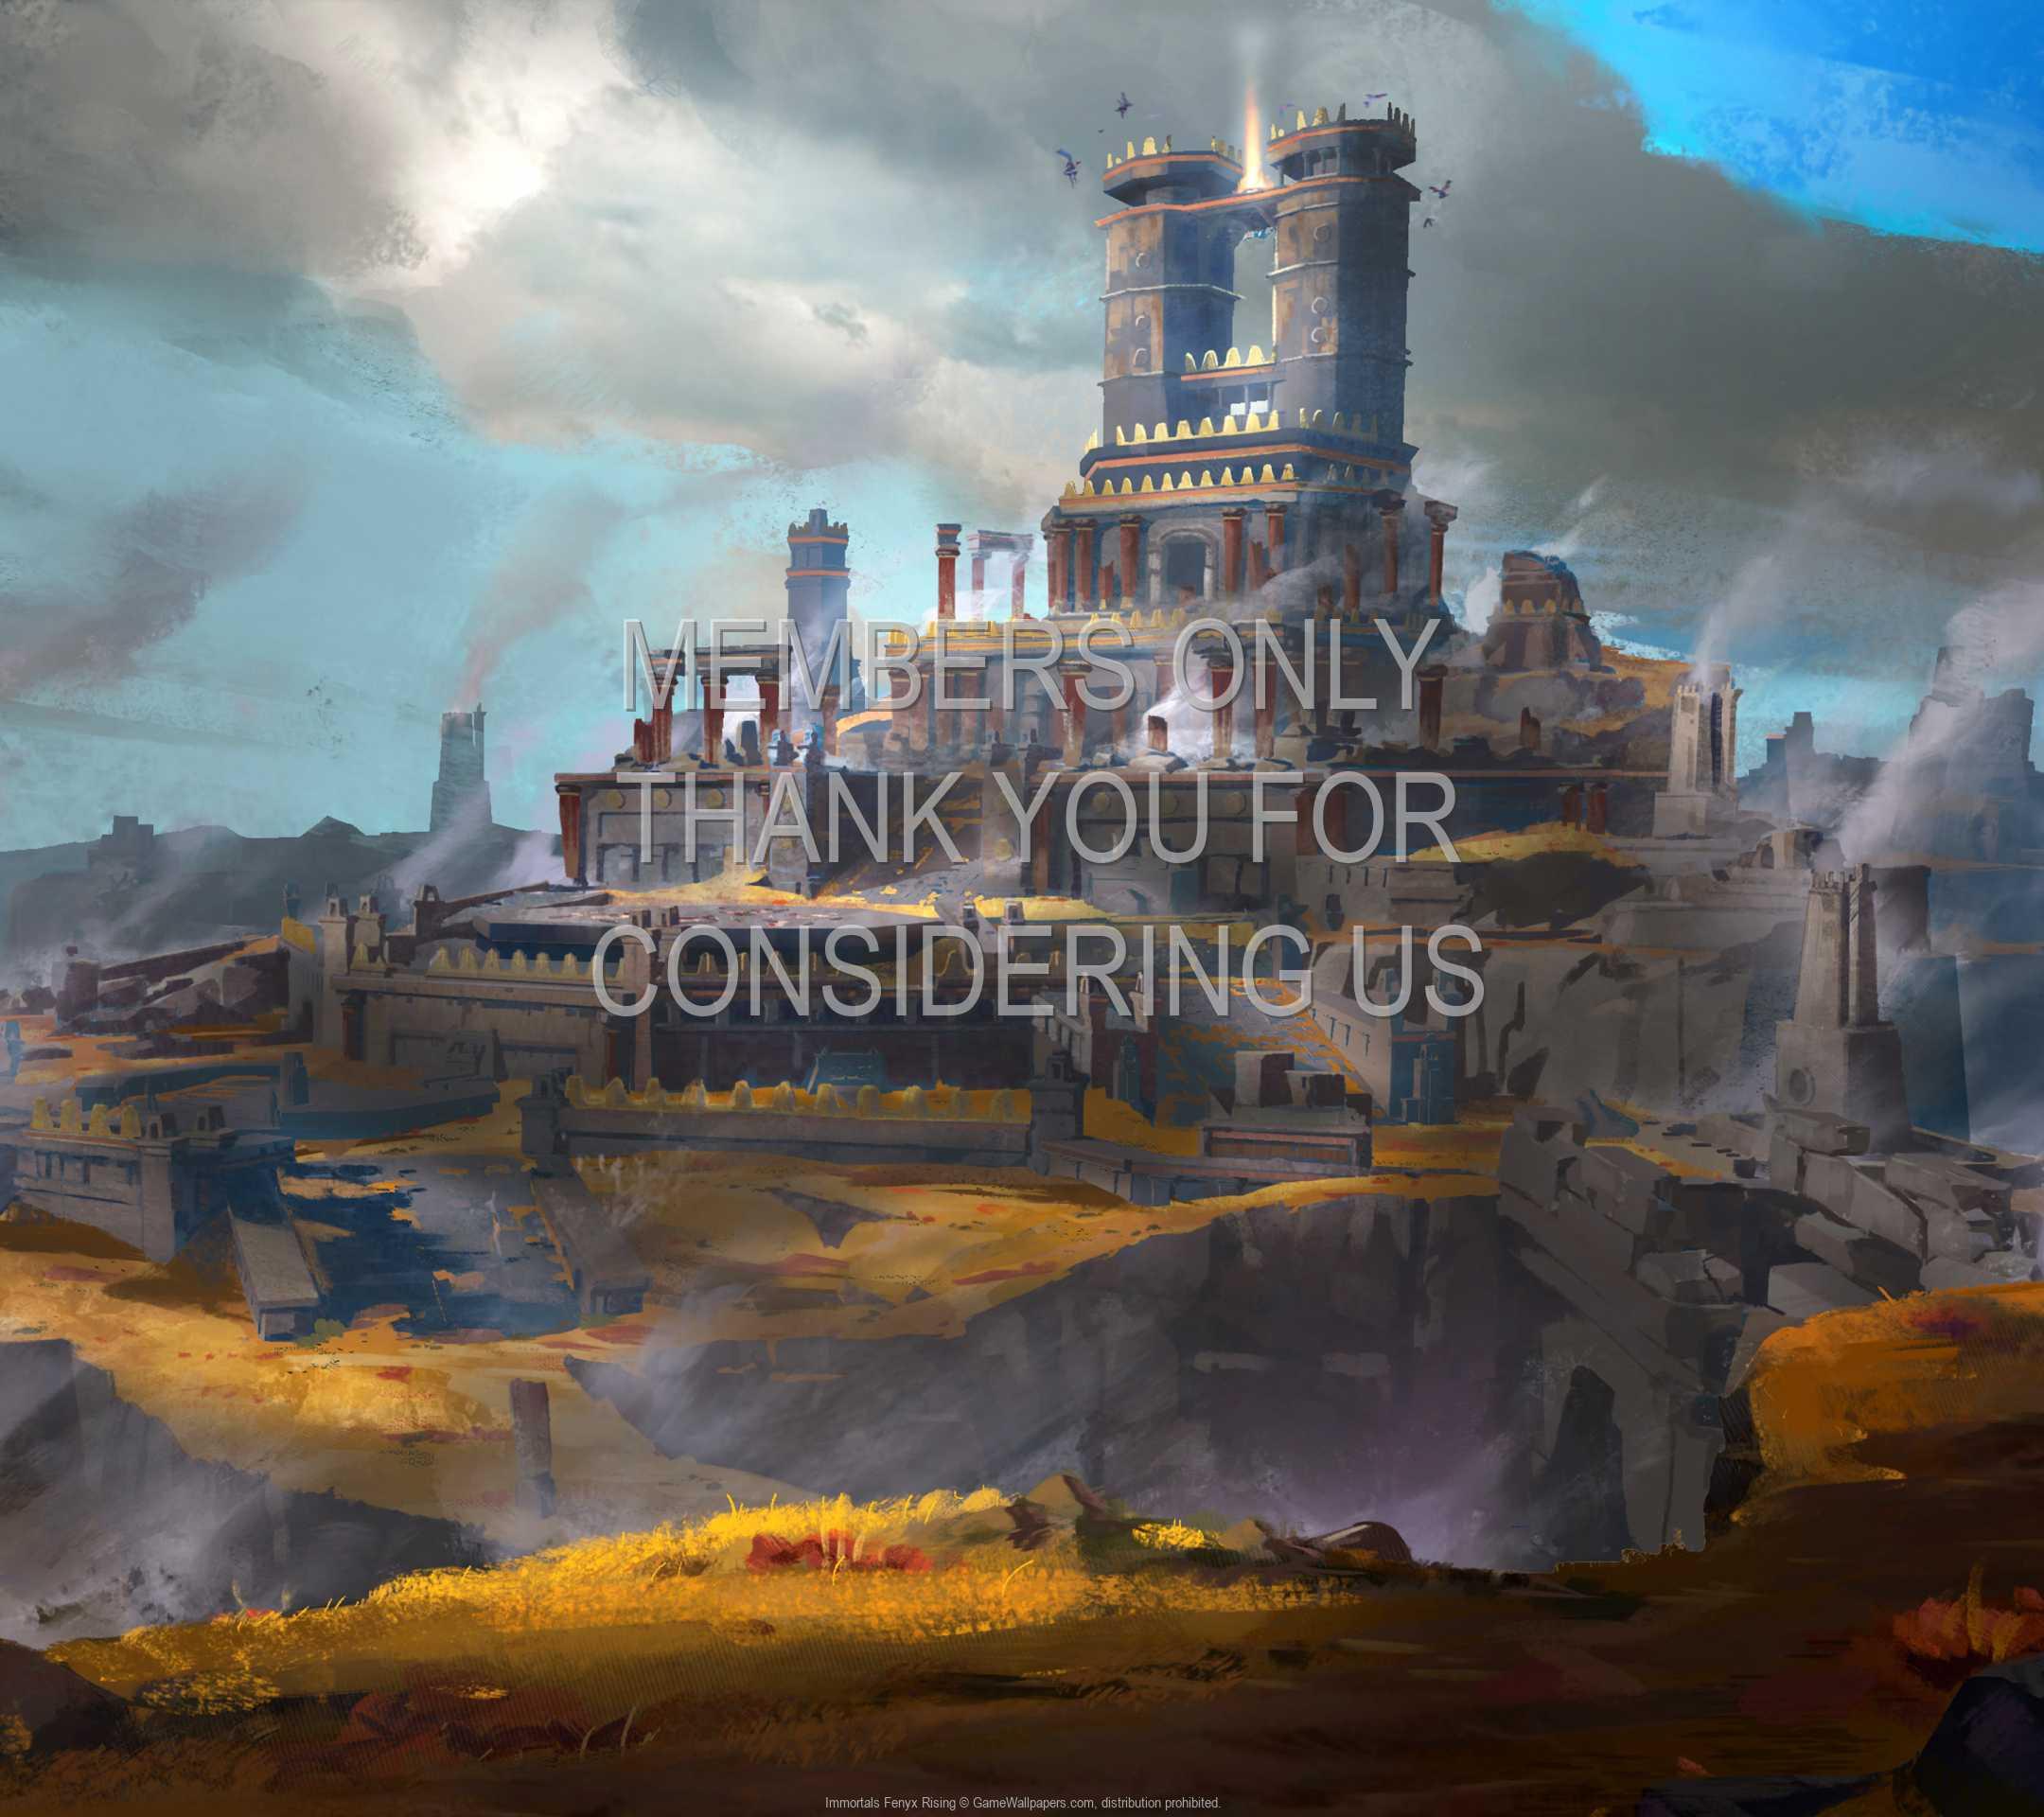 Immortals Fenyx Rising 1080p Horizontal Mobile fond d'écran 04